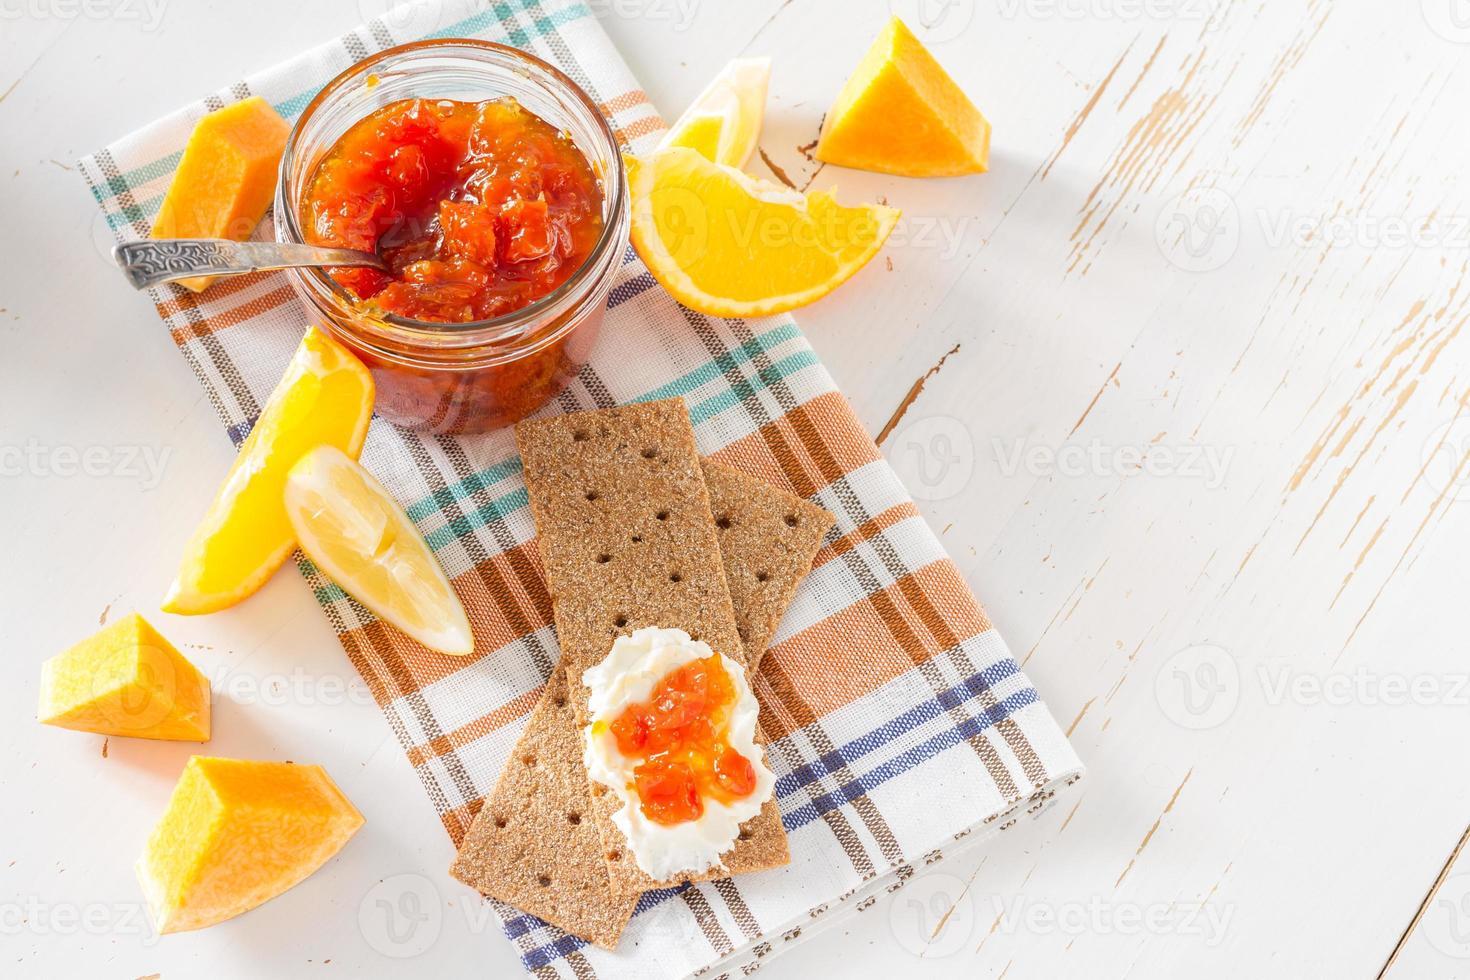 geléia em frasco de vidro com ingredientes e pão torrado foto